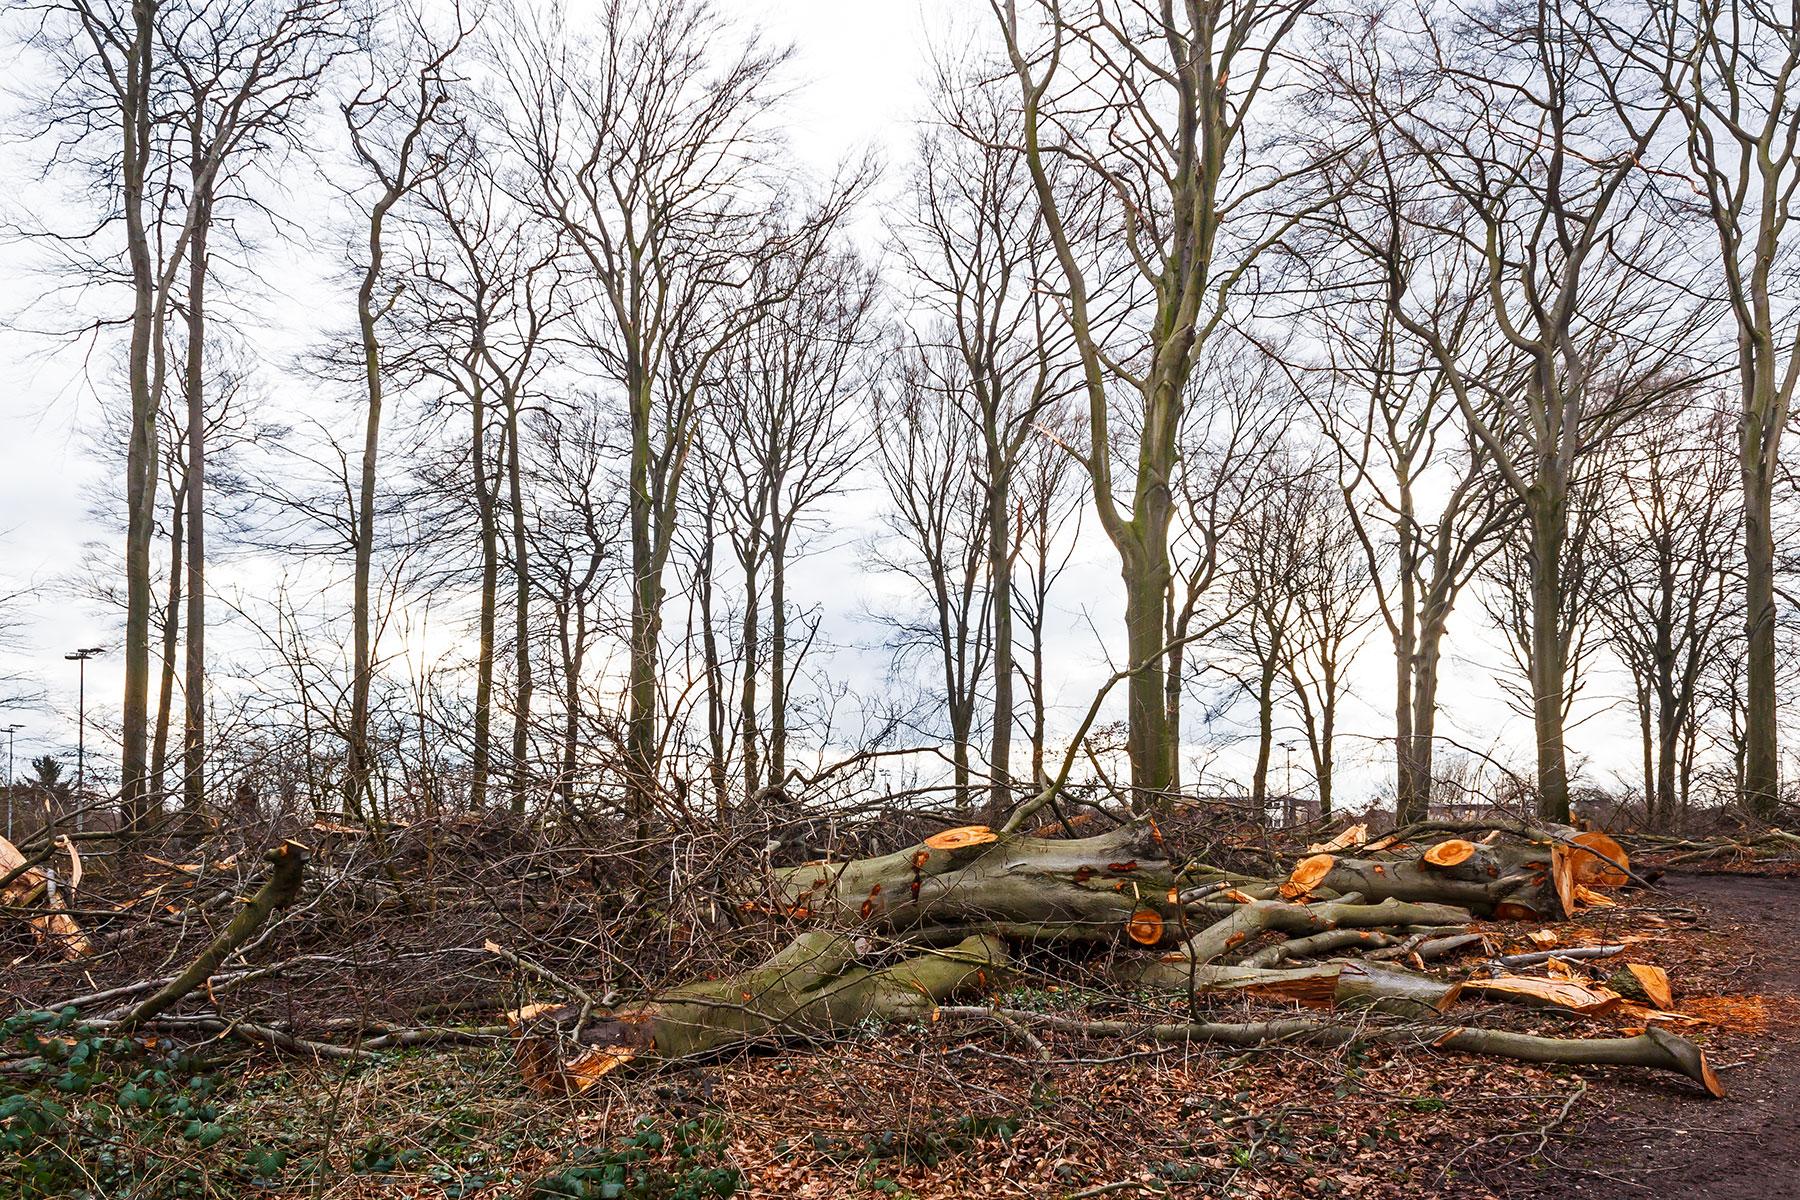 Kronenabfallholz vor Restbäumen mit Fällungsschäden